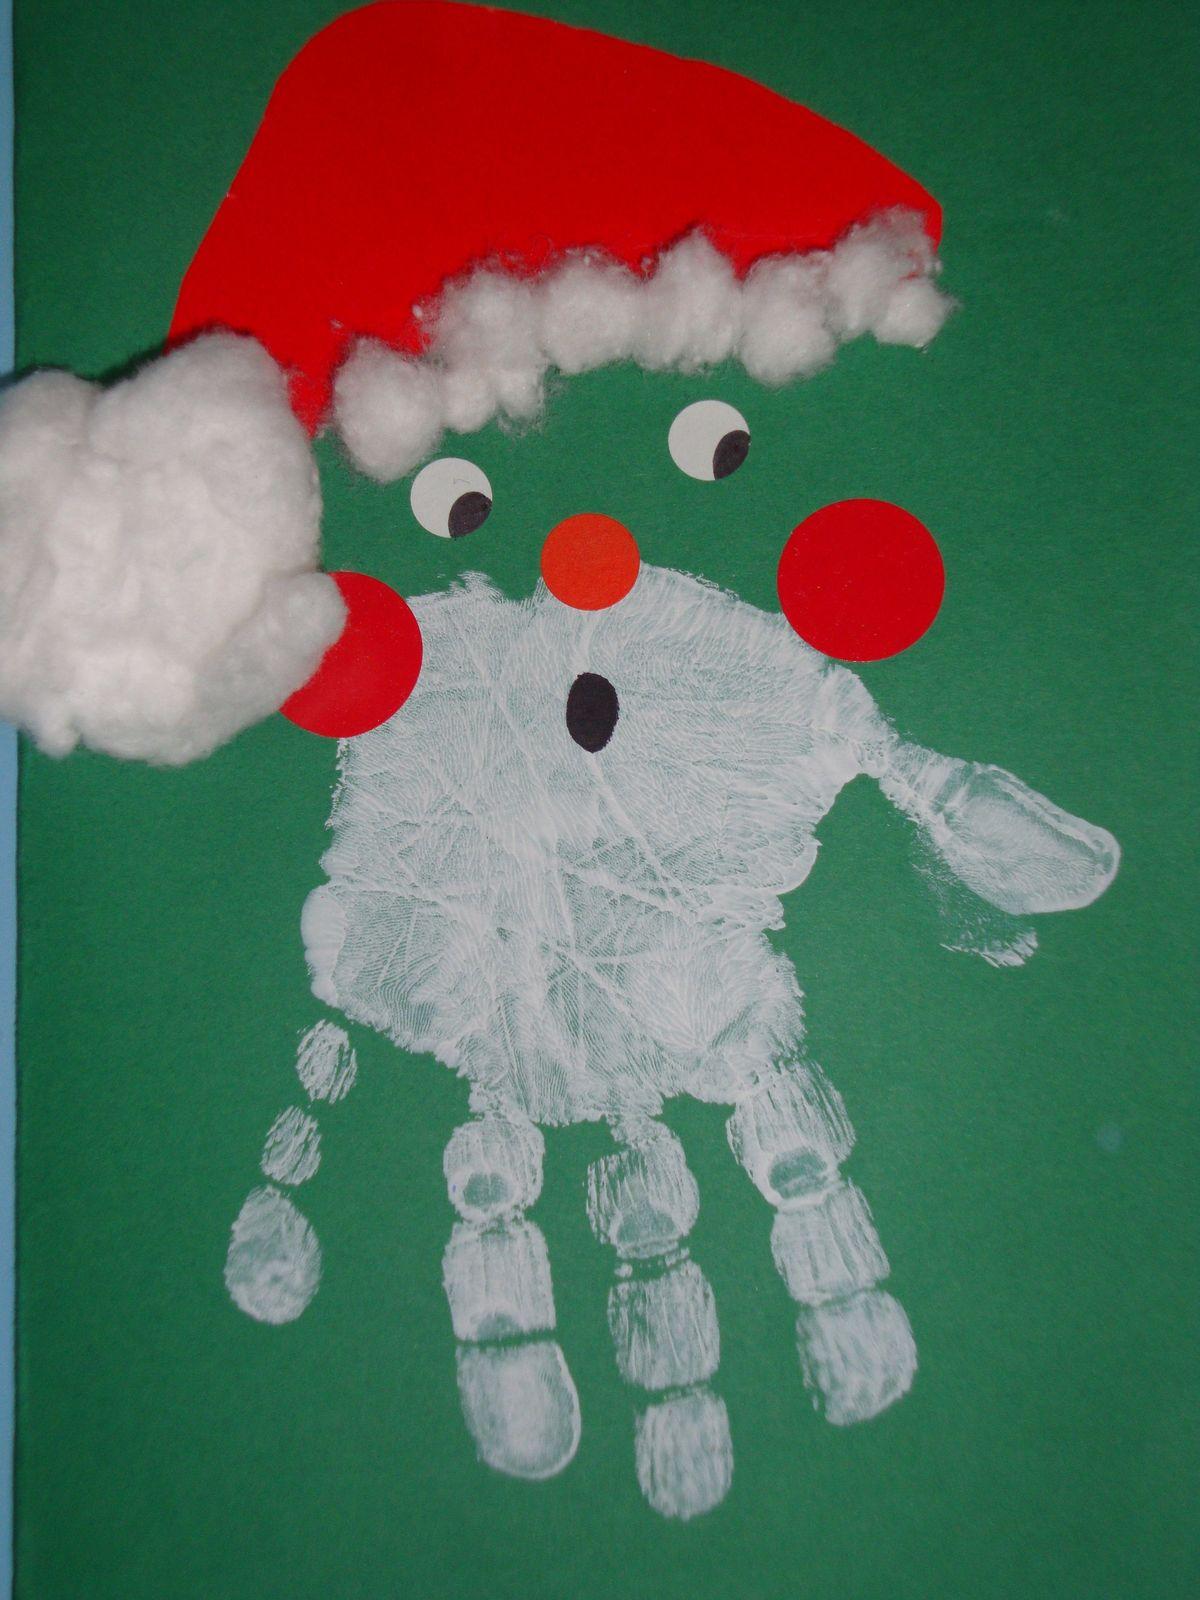 Educaci n infantil psj felicitaci n de navidad for Tarjetas de navidad hechas por ninos